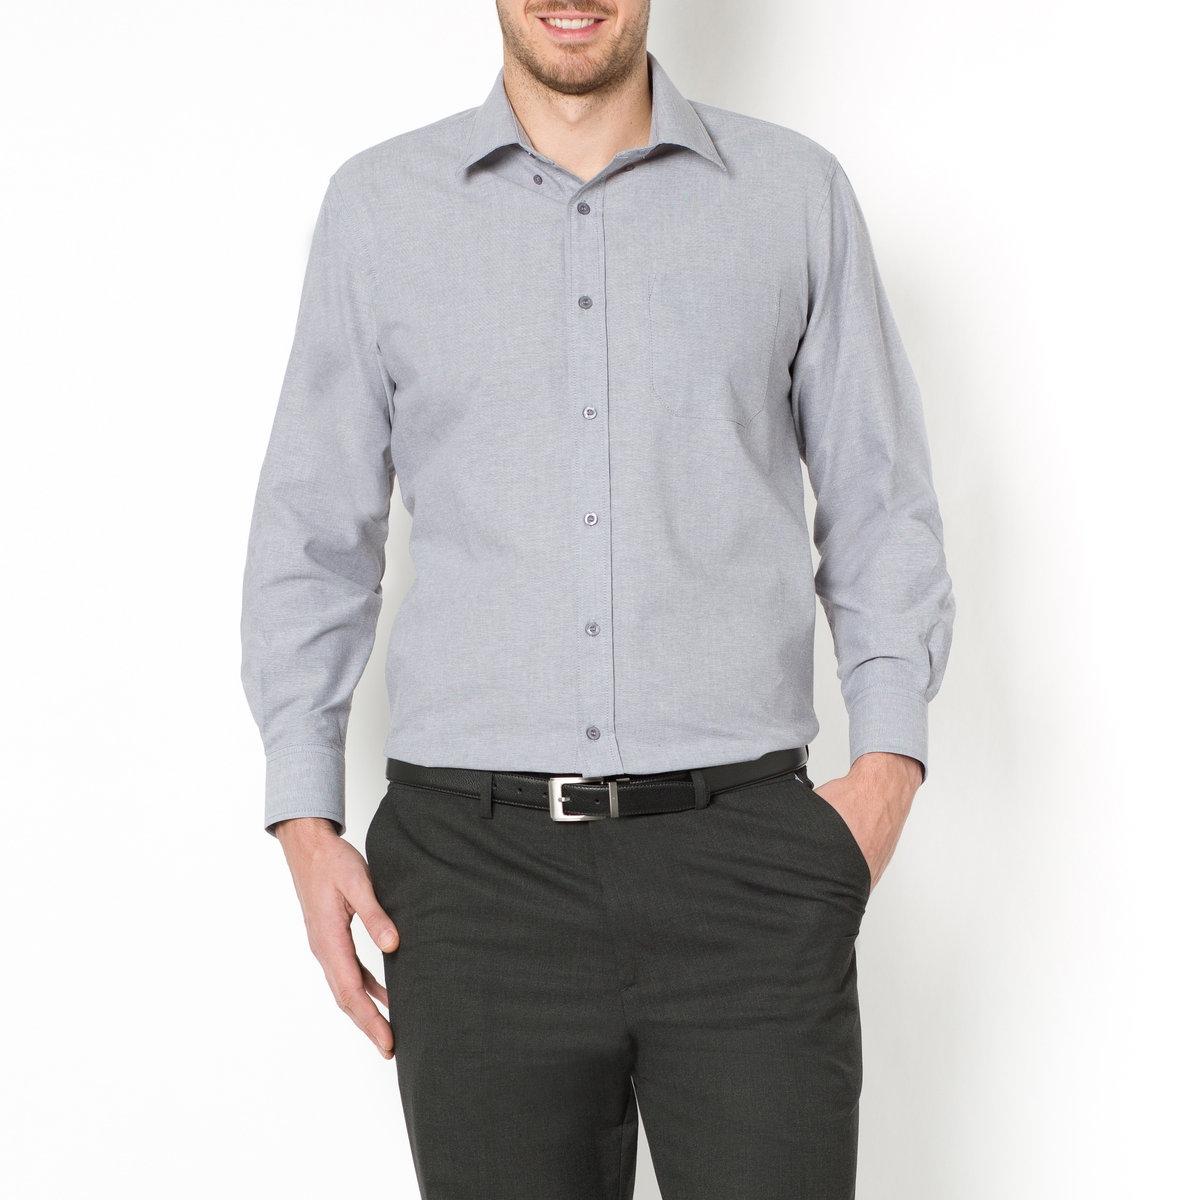 Рубашка La Redoute Прямого покроя с длинными рукавами 49/50 серый рубашка la redoute прямого покроя в клетку с длинными рукавами 45 46 серый